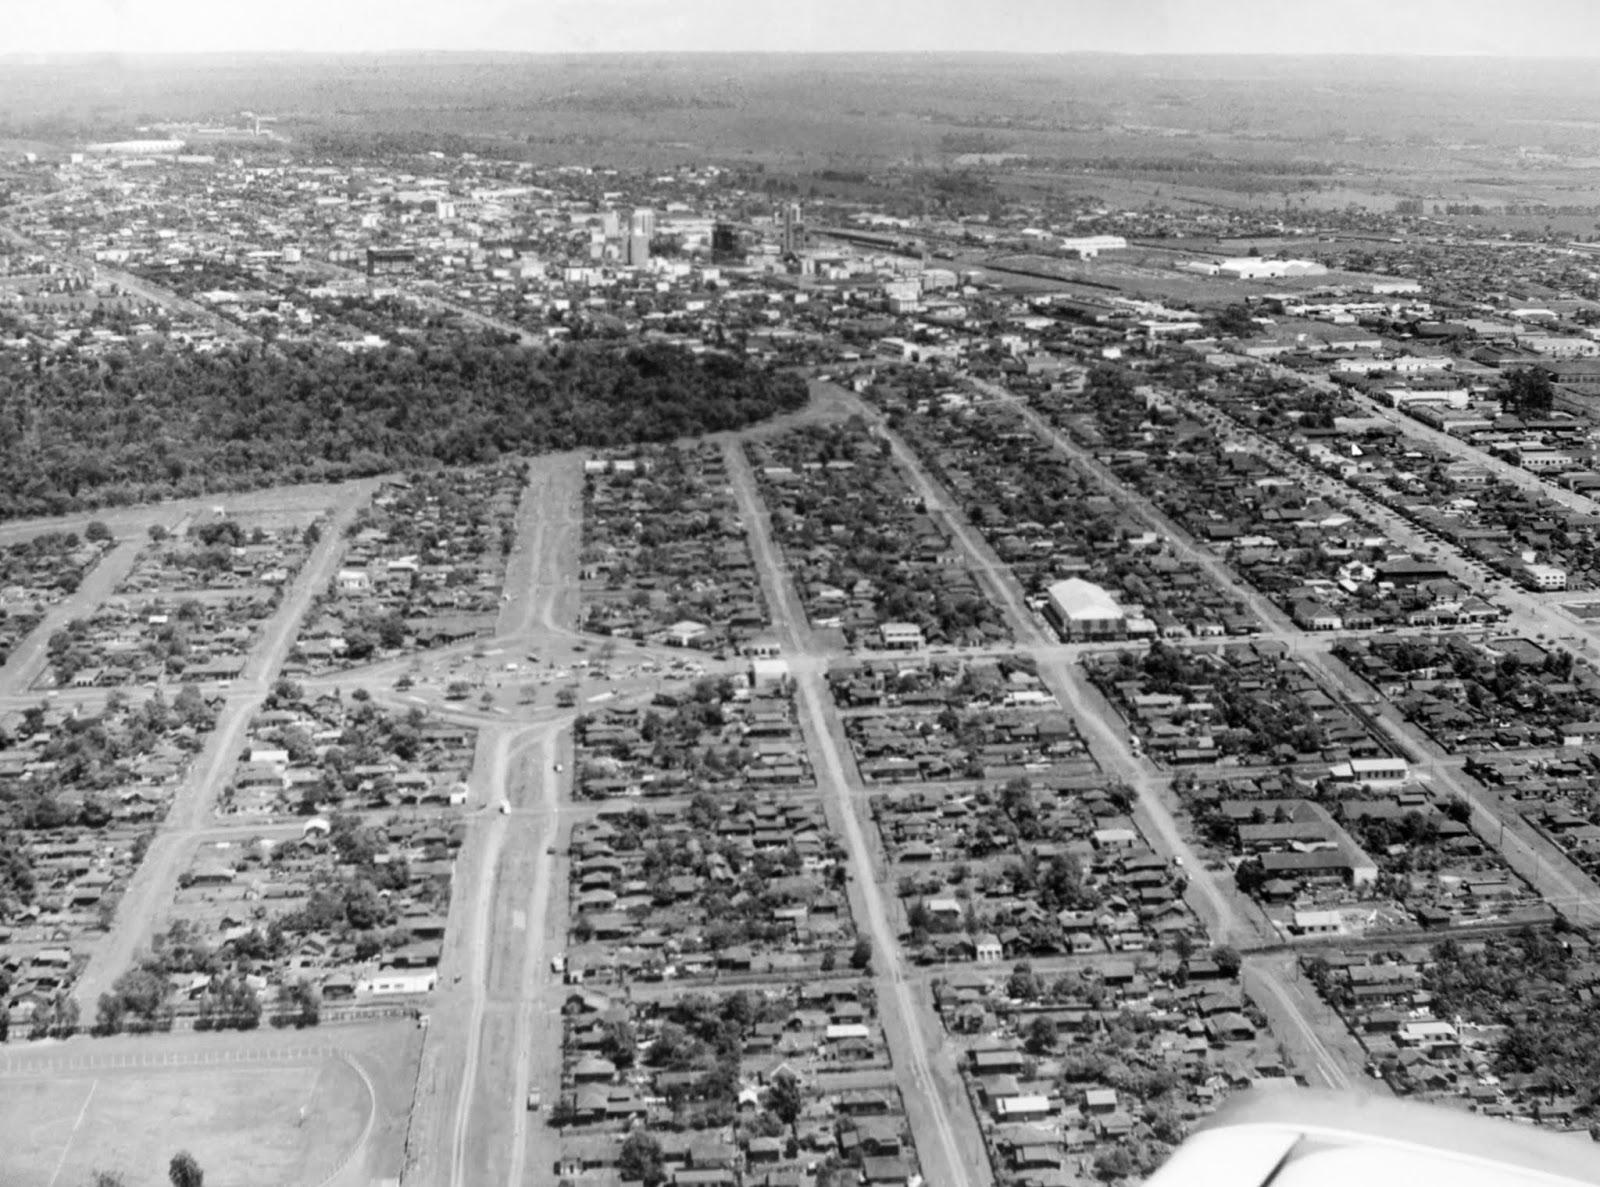 Vista aérea da Vila Operária - 1967